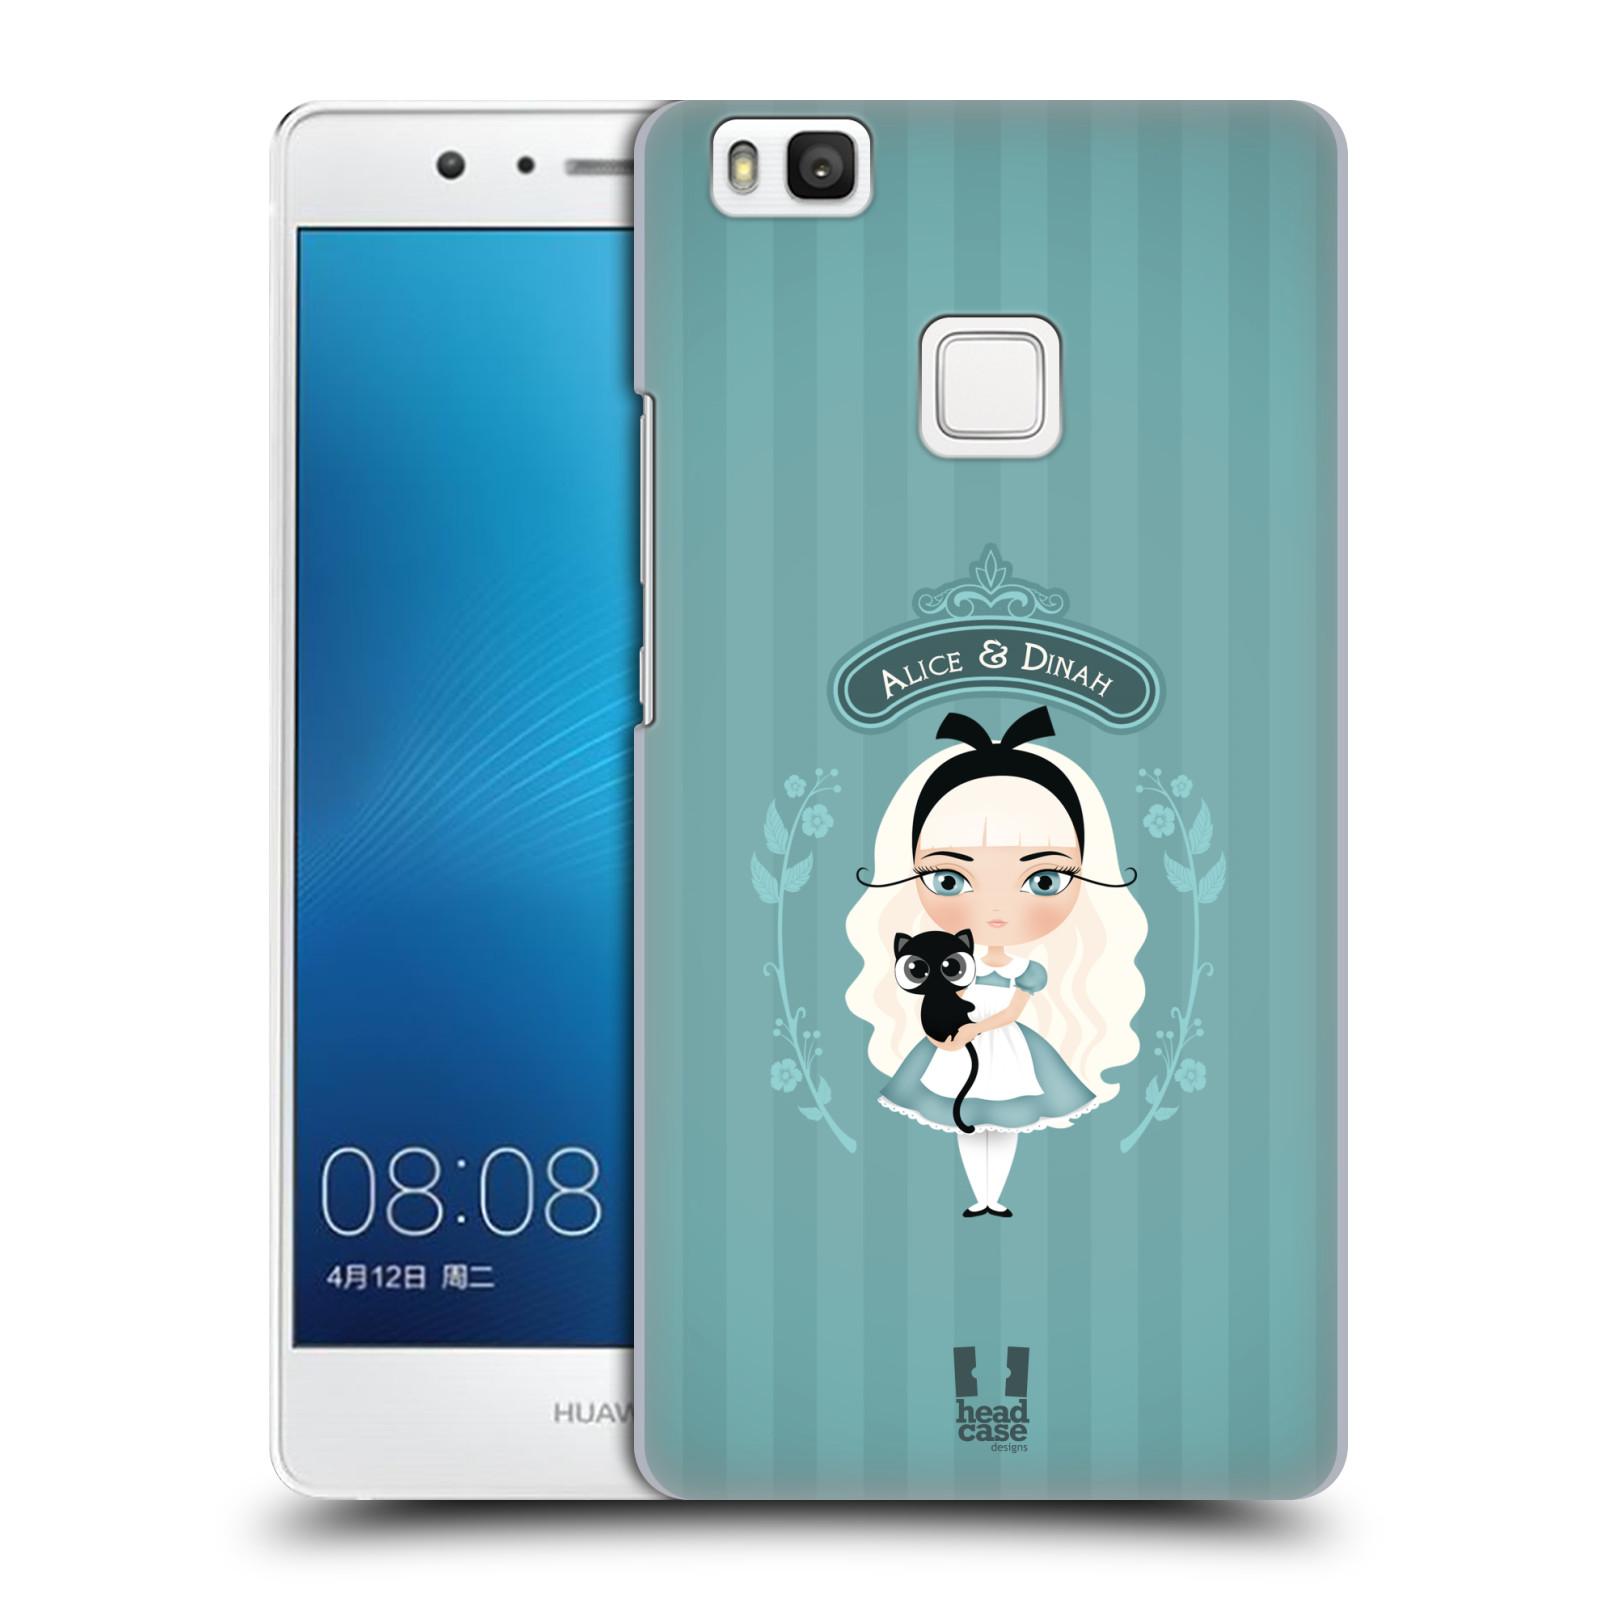 HEAD CASE plastový obal na mobil Huawei P9 LITE / P9 LITE DUAL SIM vzor Alenka v říši divů Alenka